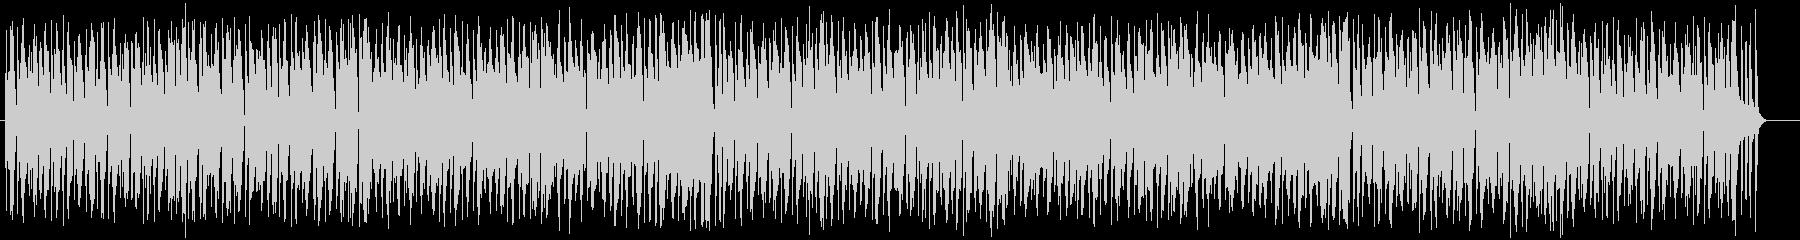 明るくうきうきするシンセサイザーの曲の未再生の波形